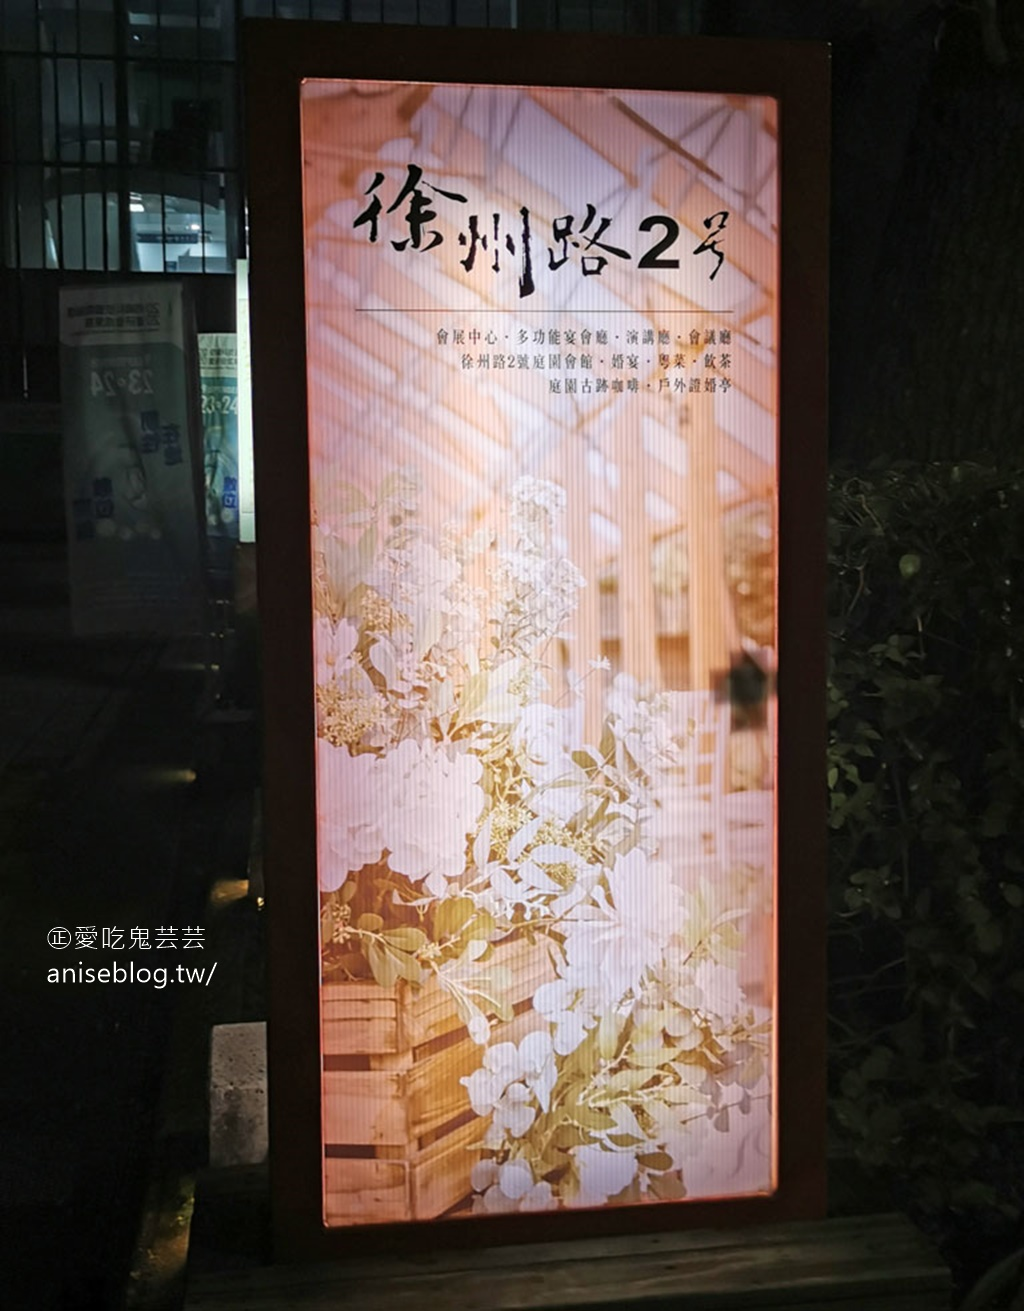 徐州路2號庭園會館,大推烤鴨、砂鍋雞,價格實惠又美味!